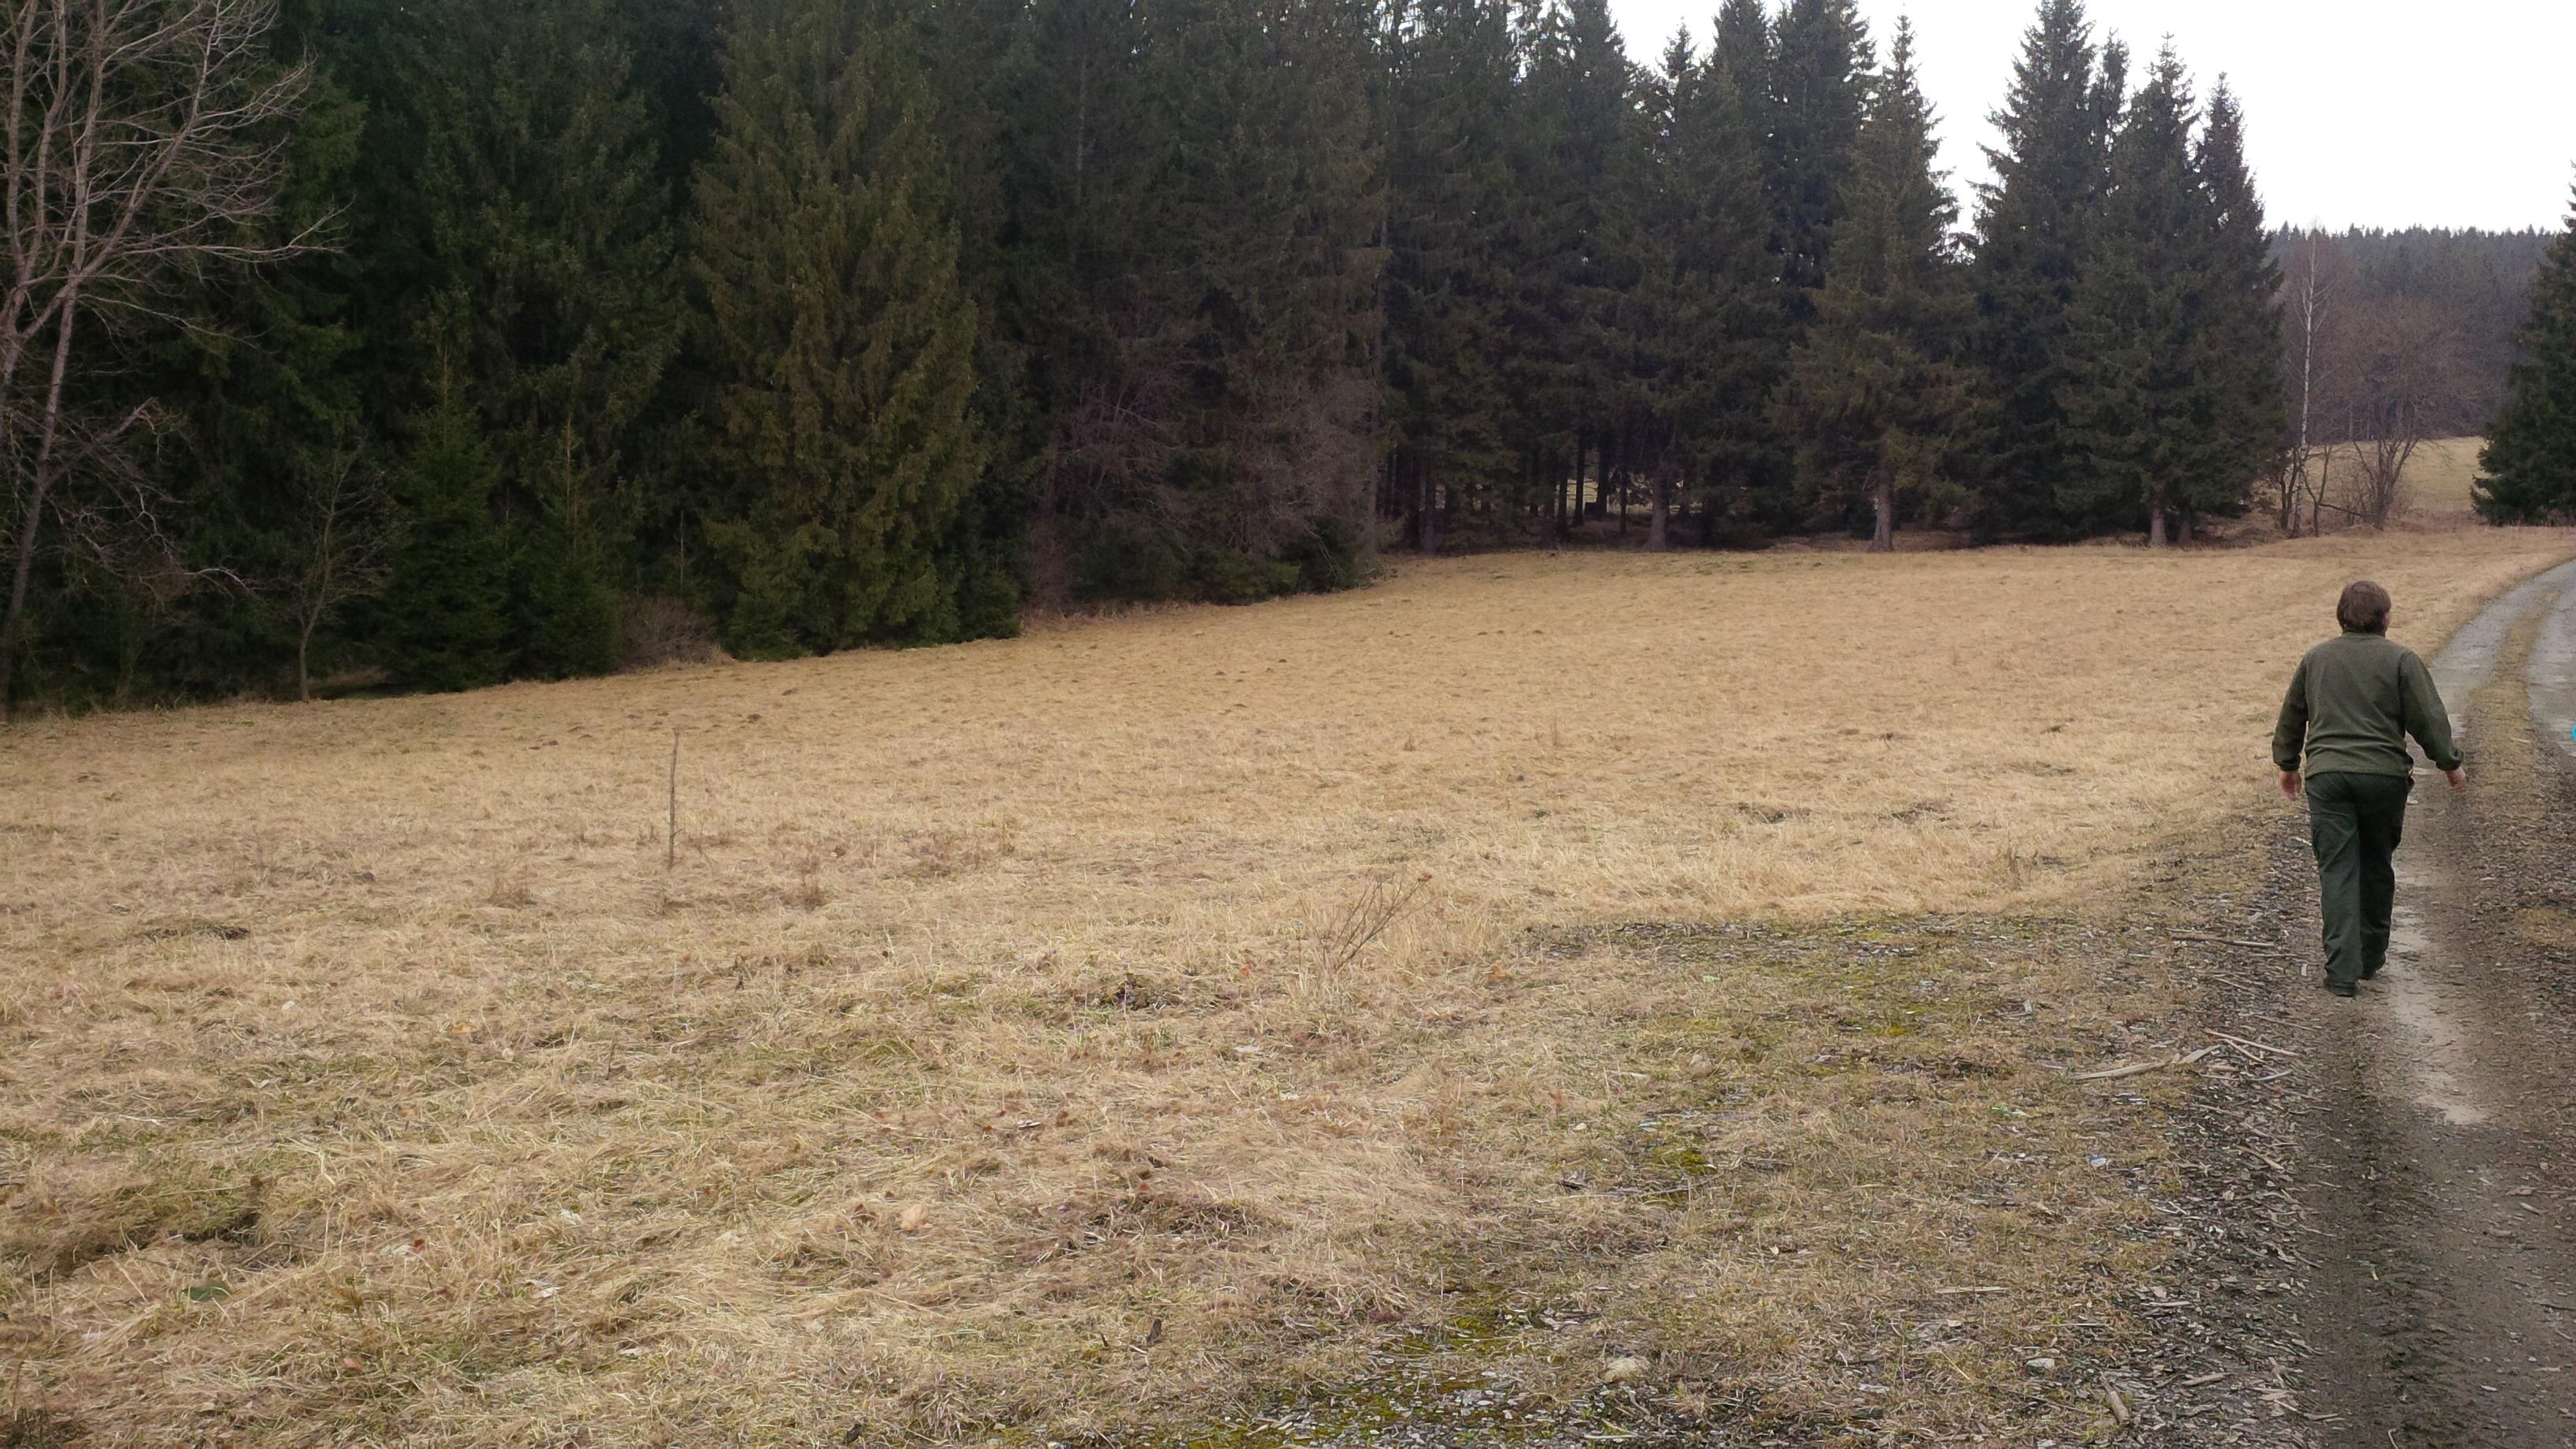 StopařiLeaks: Foto z tábořiště